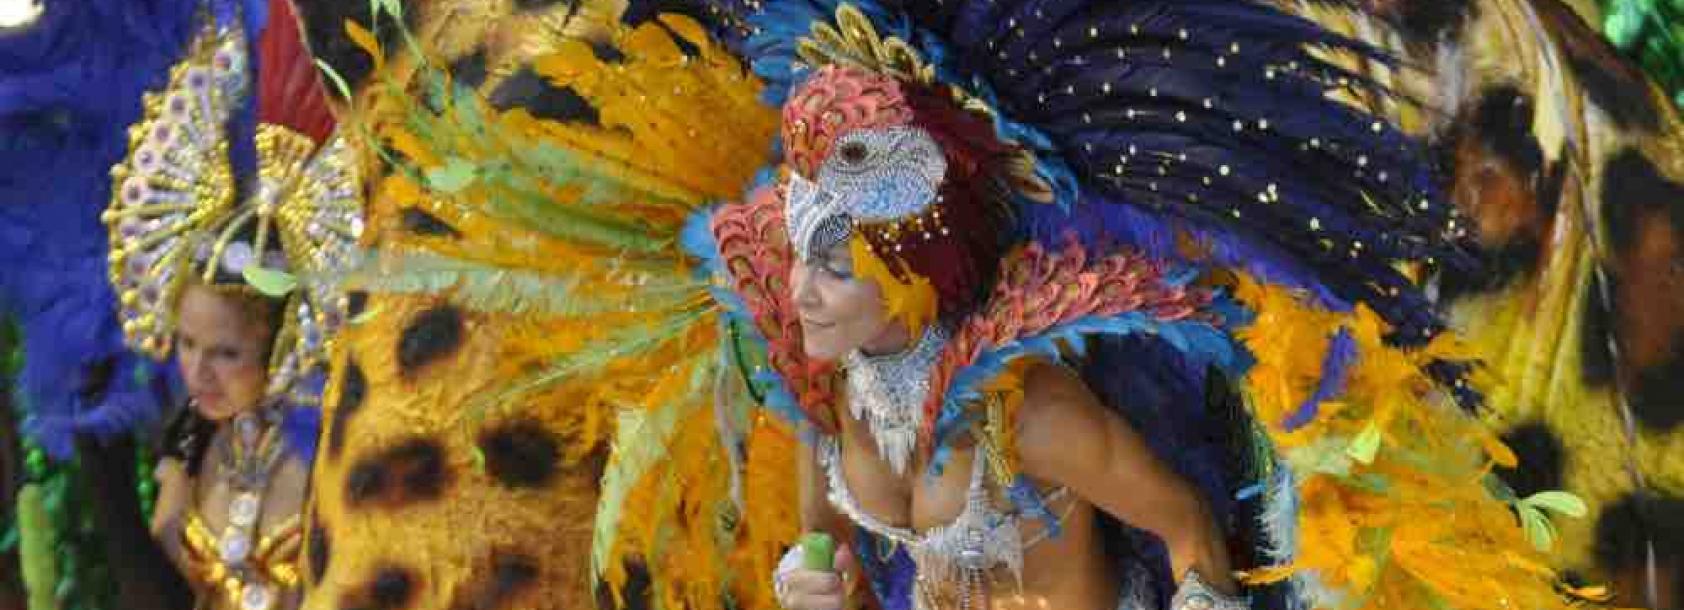 Brazil_Rio de Janeiro festival